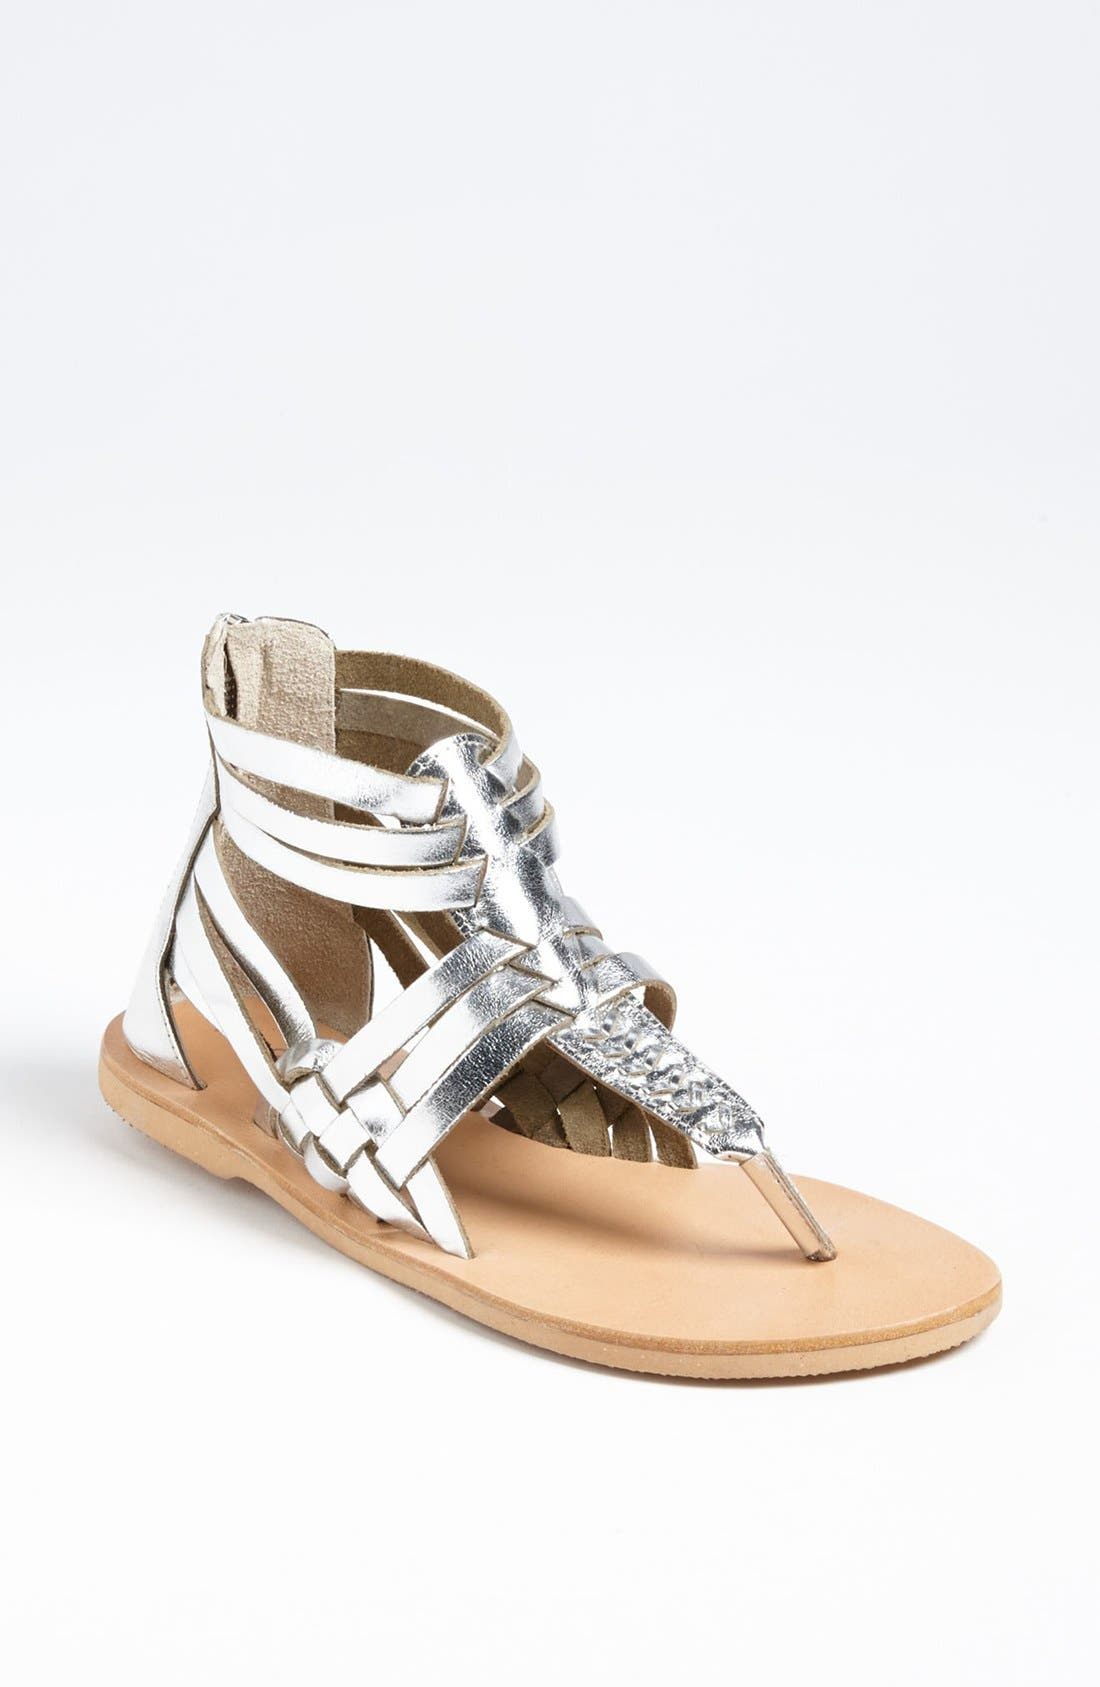 Alternate Image 1 Selected - Matisse 'Adona' Sandal